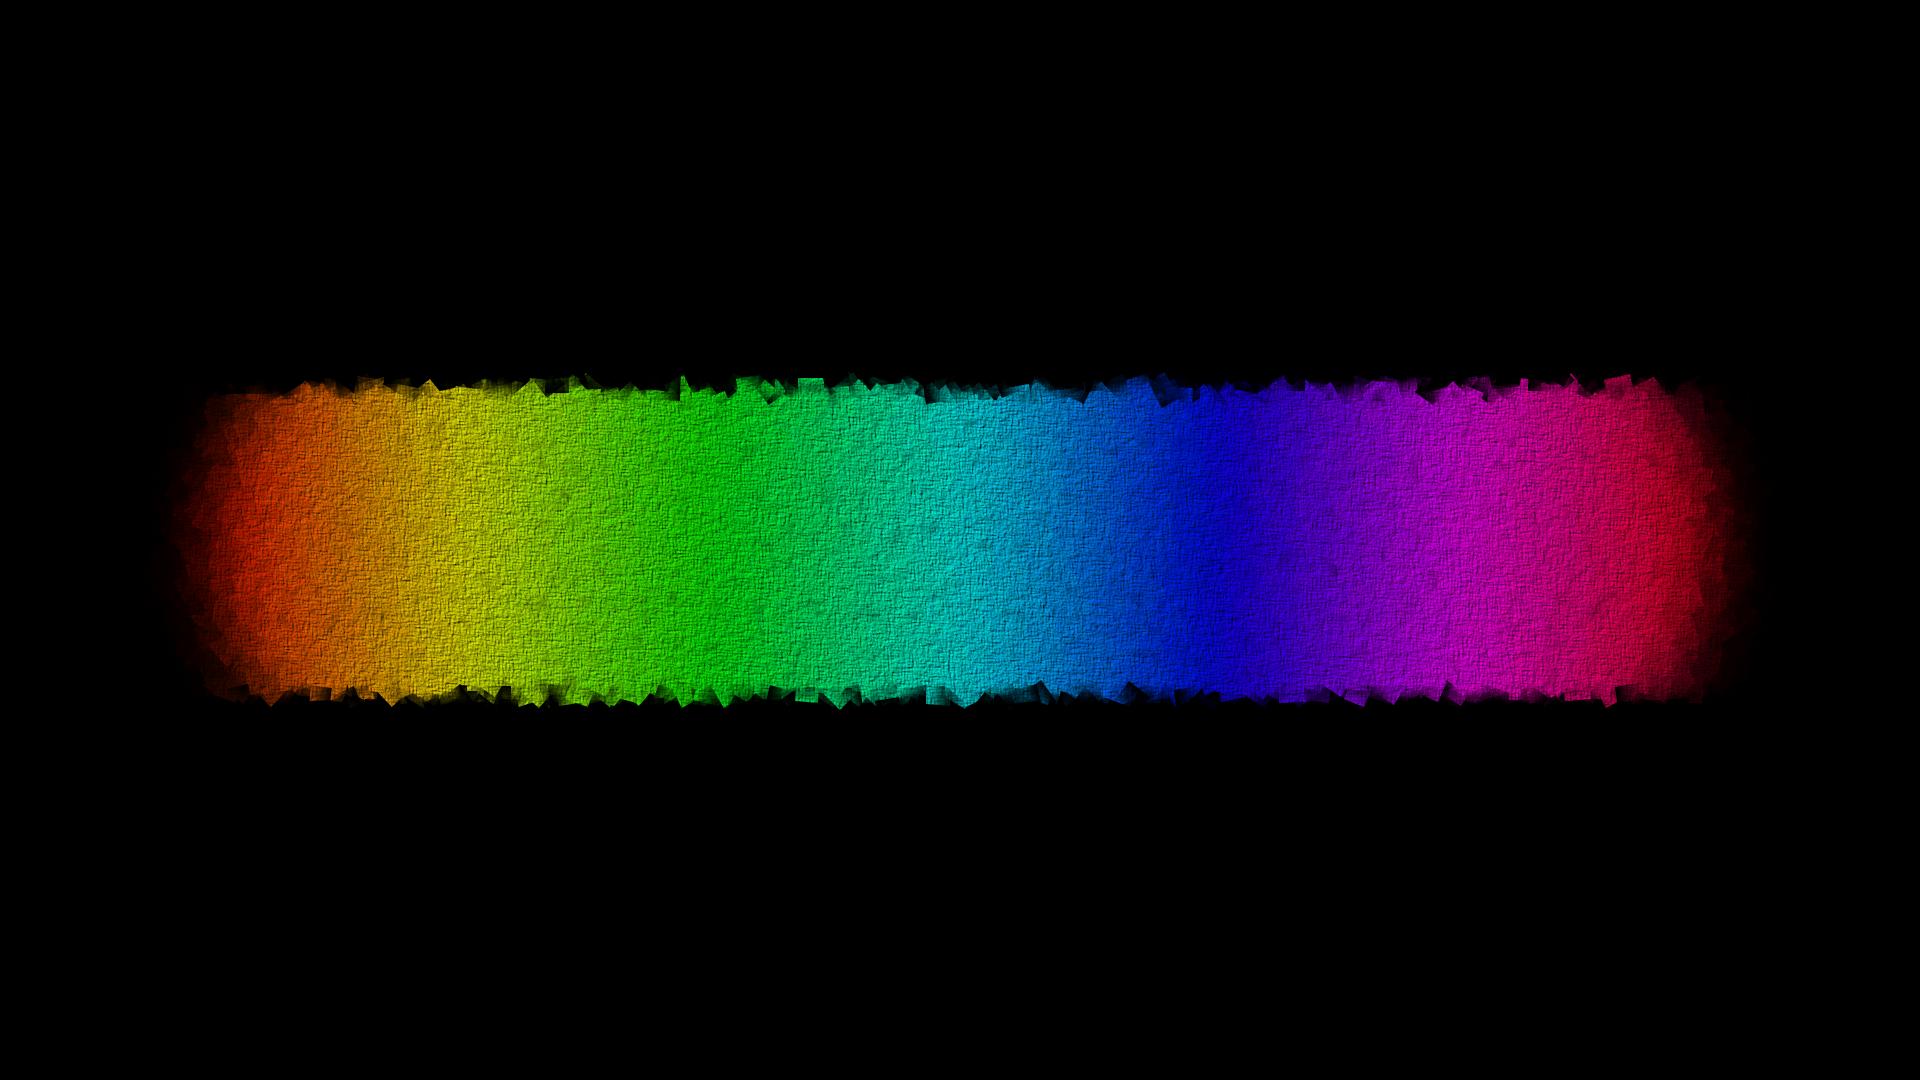 Fond Décran Palette De Couleurs Coloré Fond Noir Bleu Vert